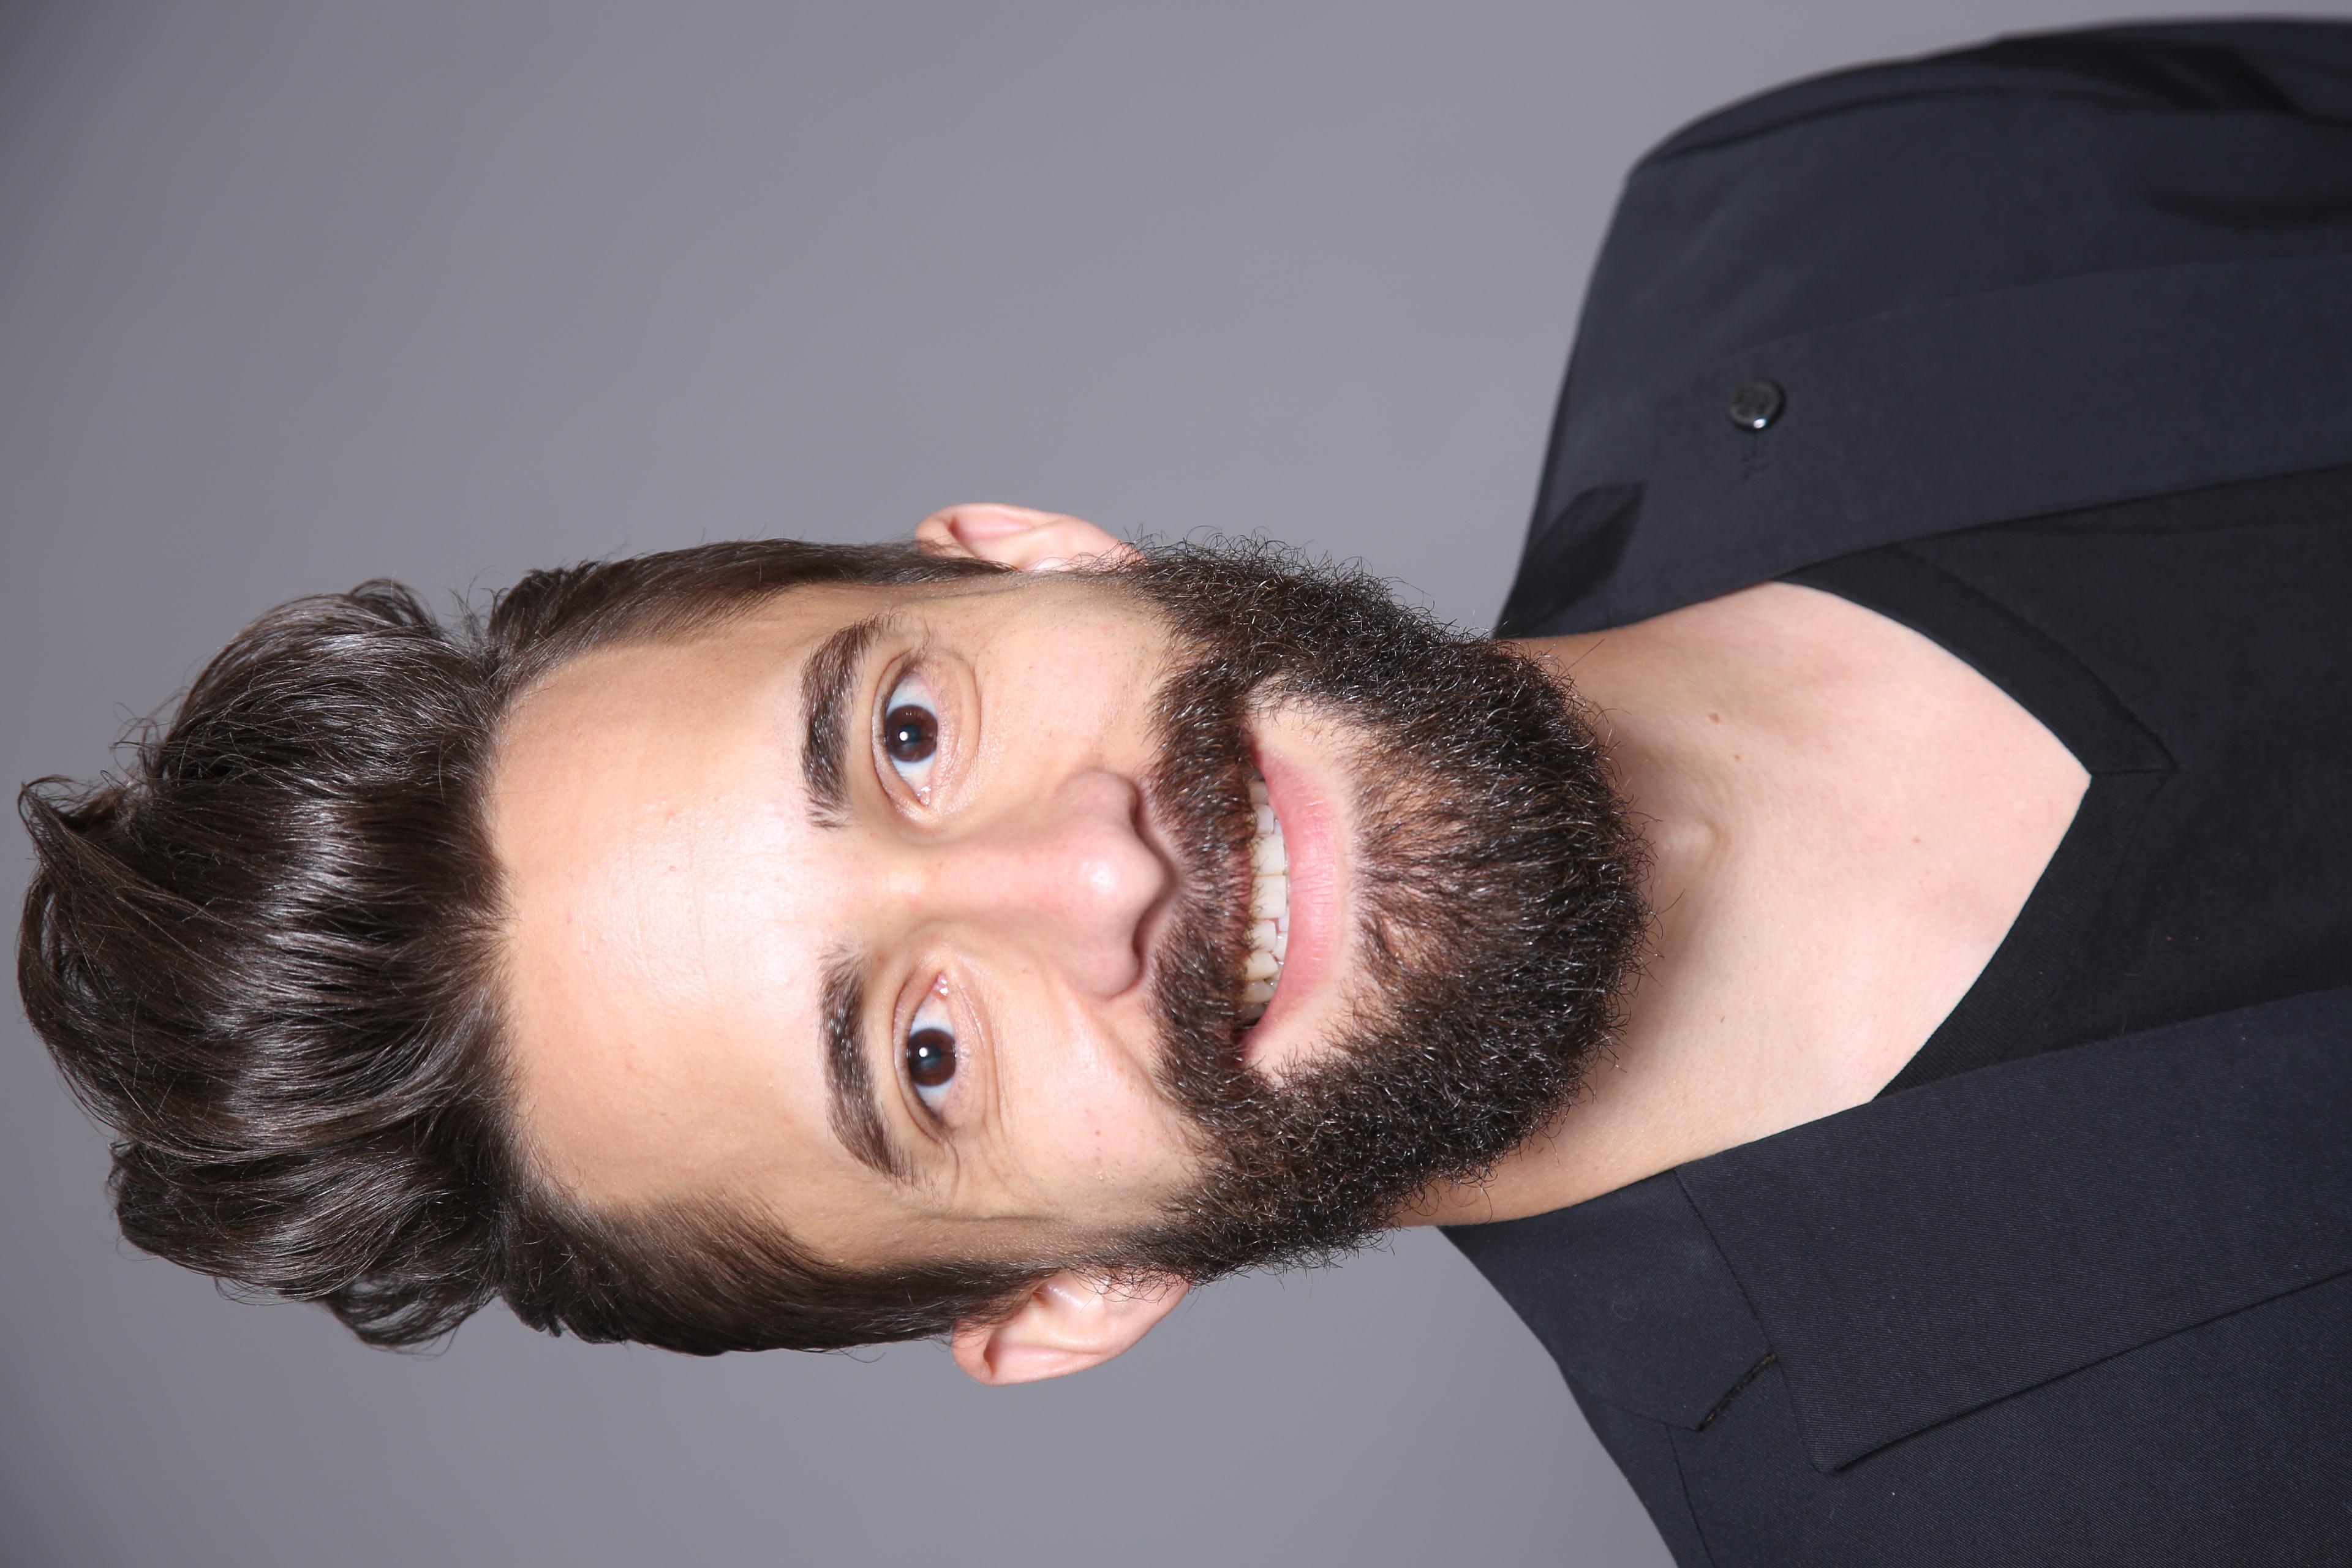 Niko Gonzalez